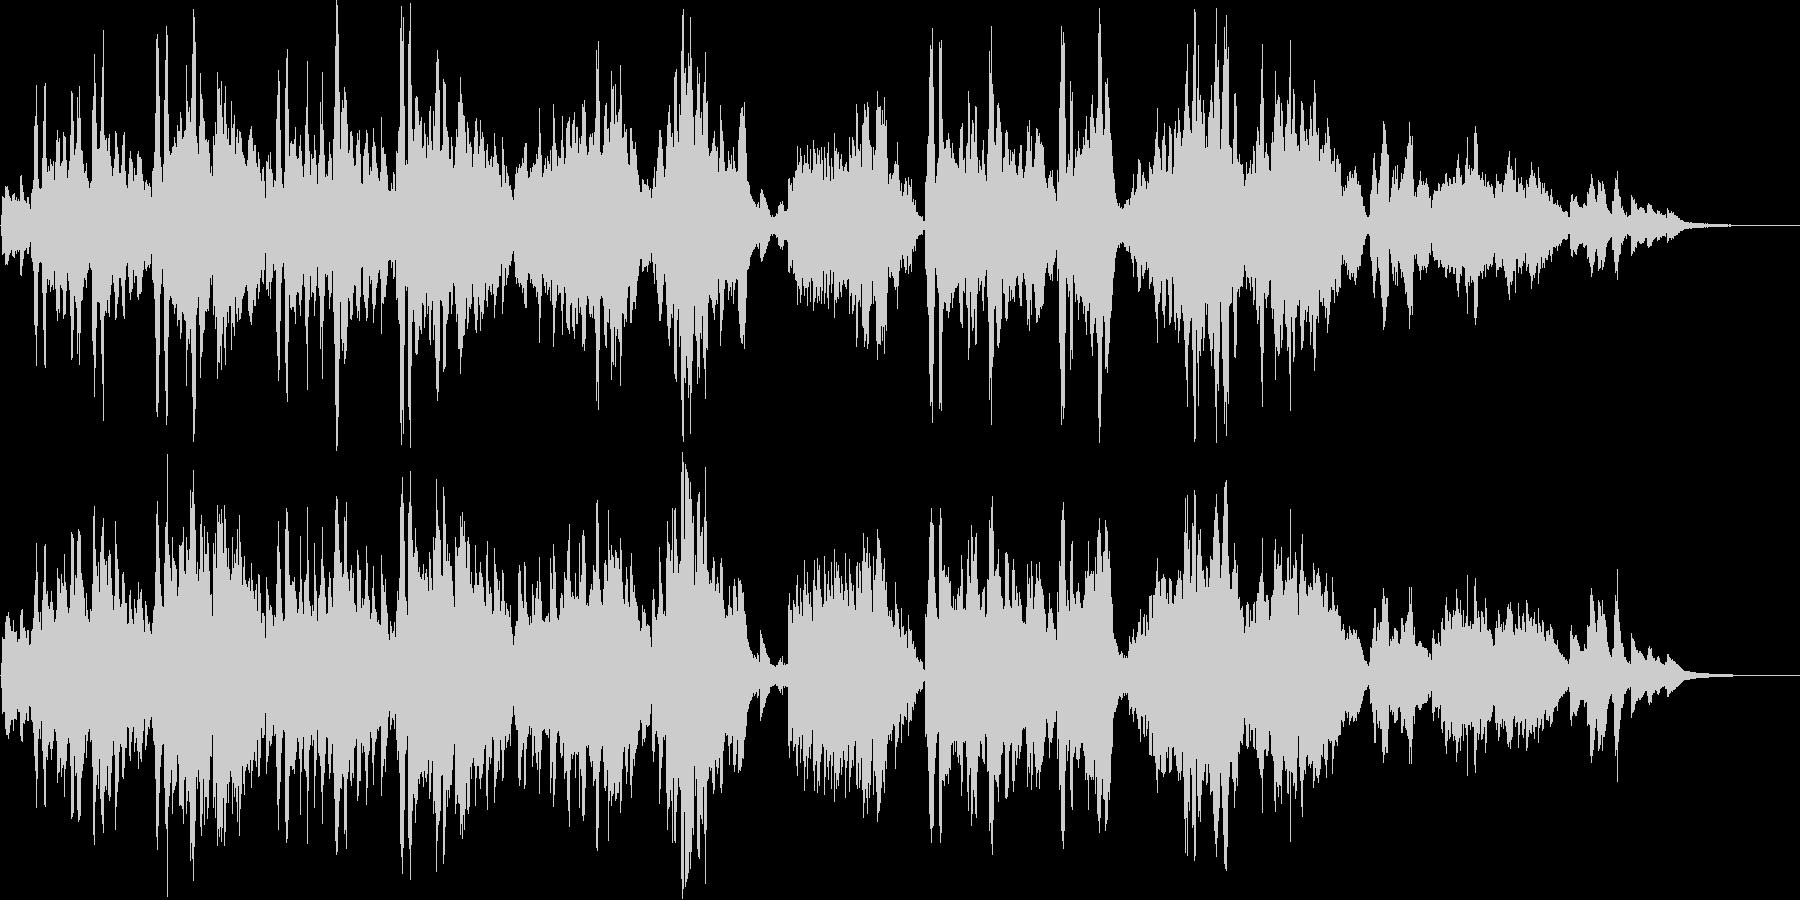 エルガー 愛の挨拶 ヴァイオリン ピアノの未再生の波形